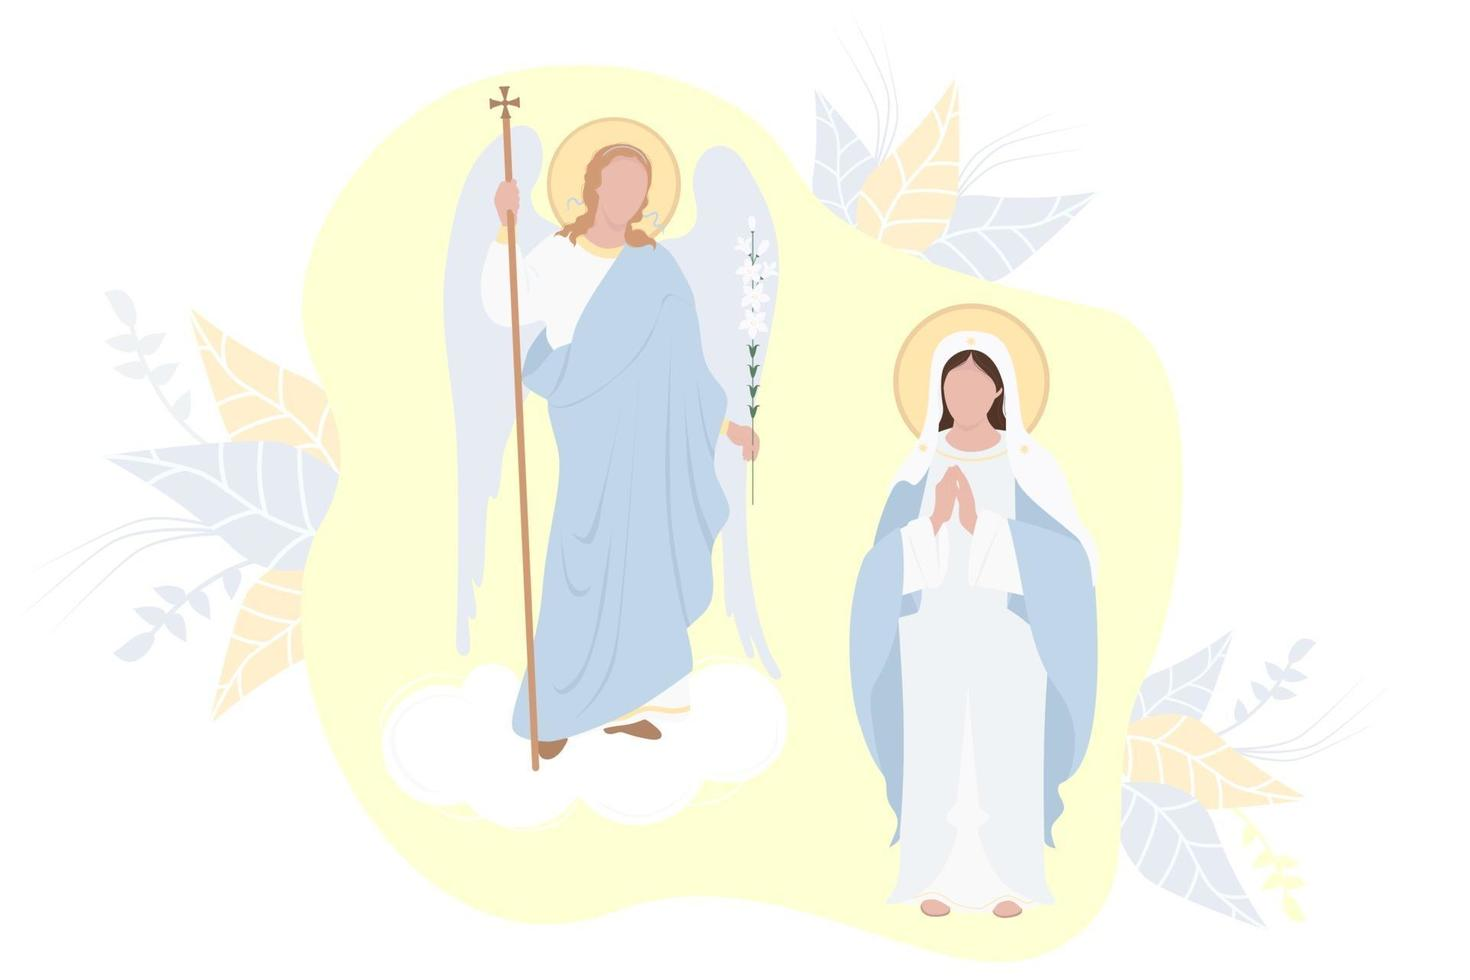 anunciação do santíssimo theotokos. virgem maria, mãe de cristo em uma maforia azul e o arcanjo gabriel com um lírio em um fundo amarelo. feriado religioso católico e ortodoxo. vetor